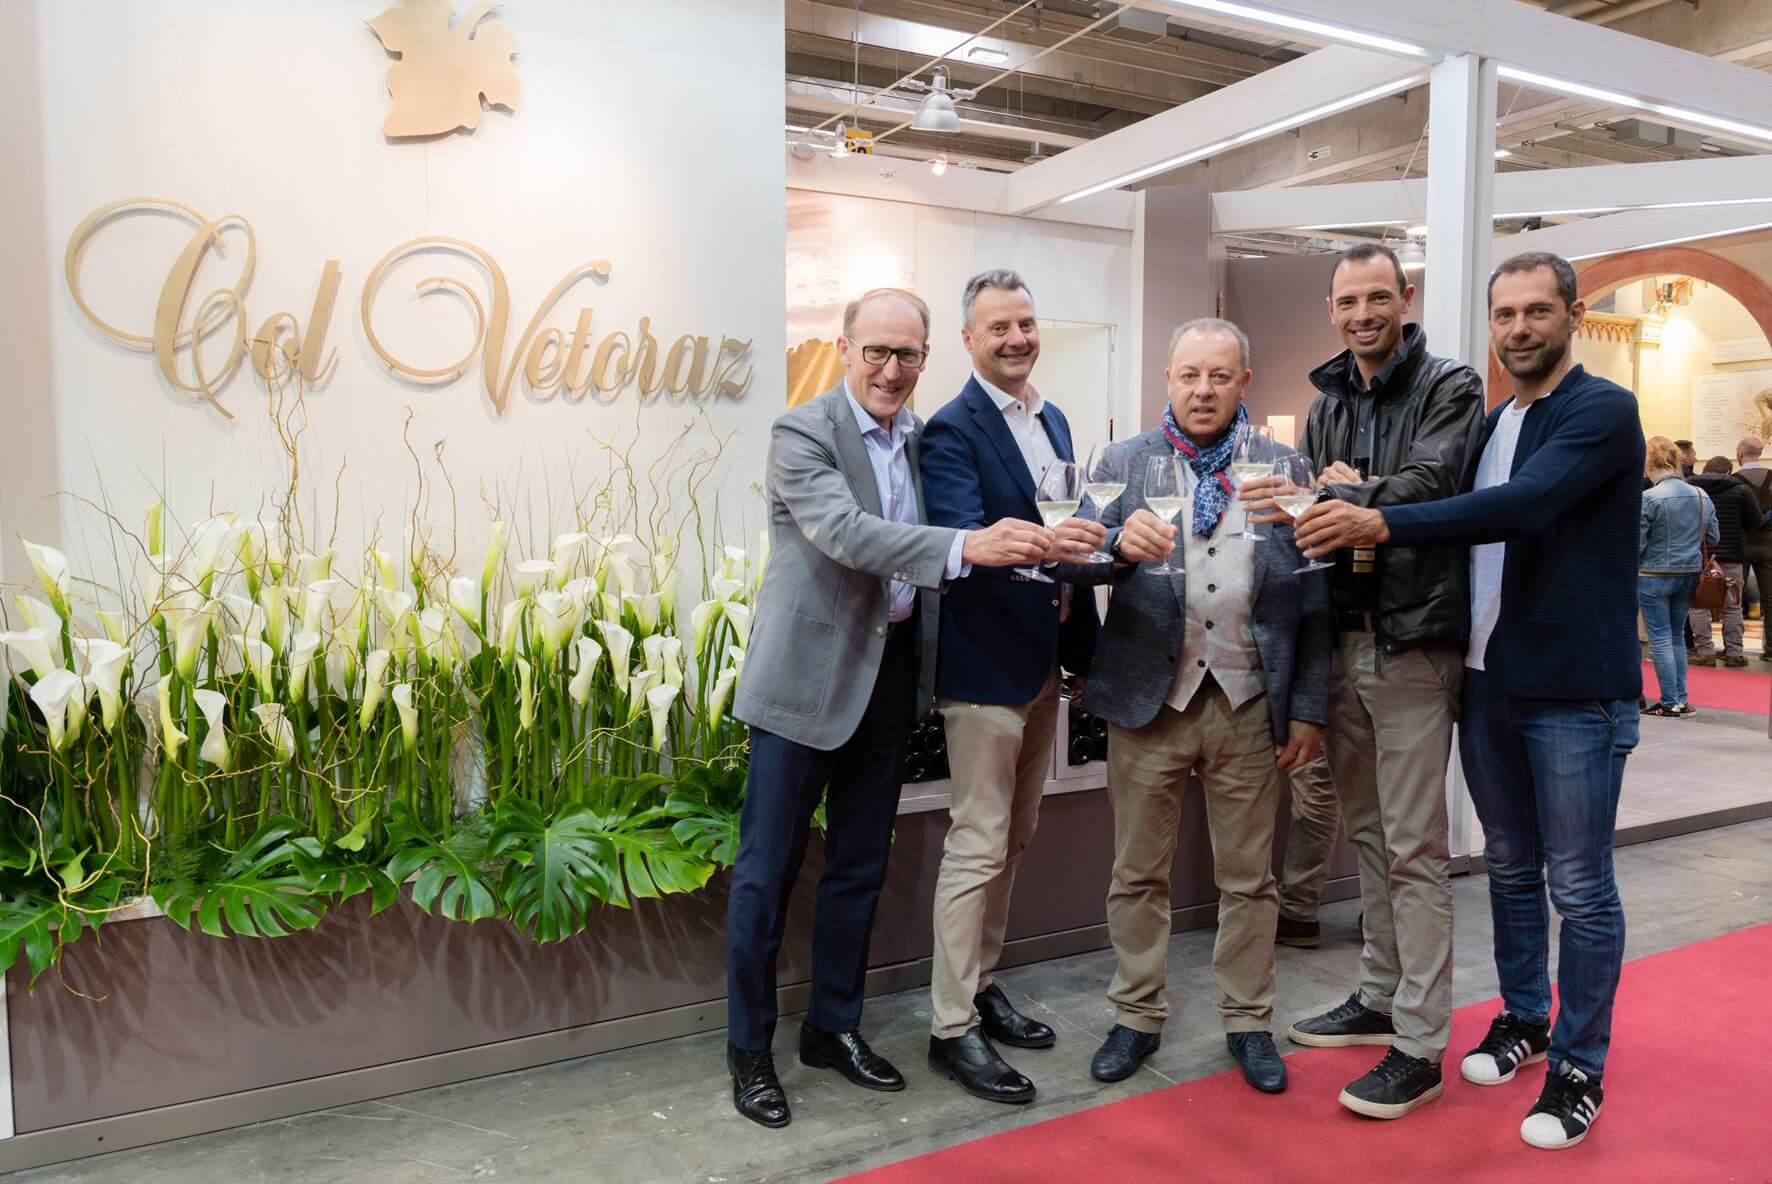 Col Vetoraz saluta Vinitaly 2019